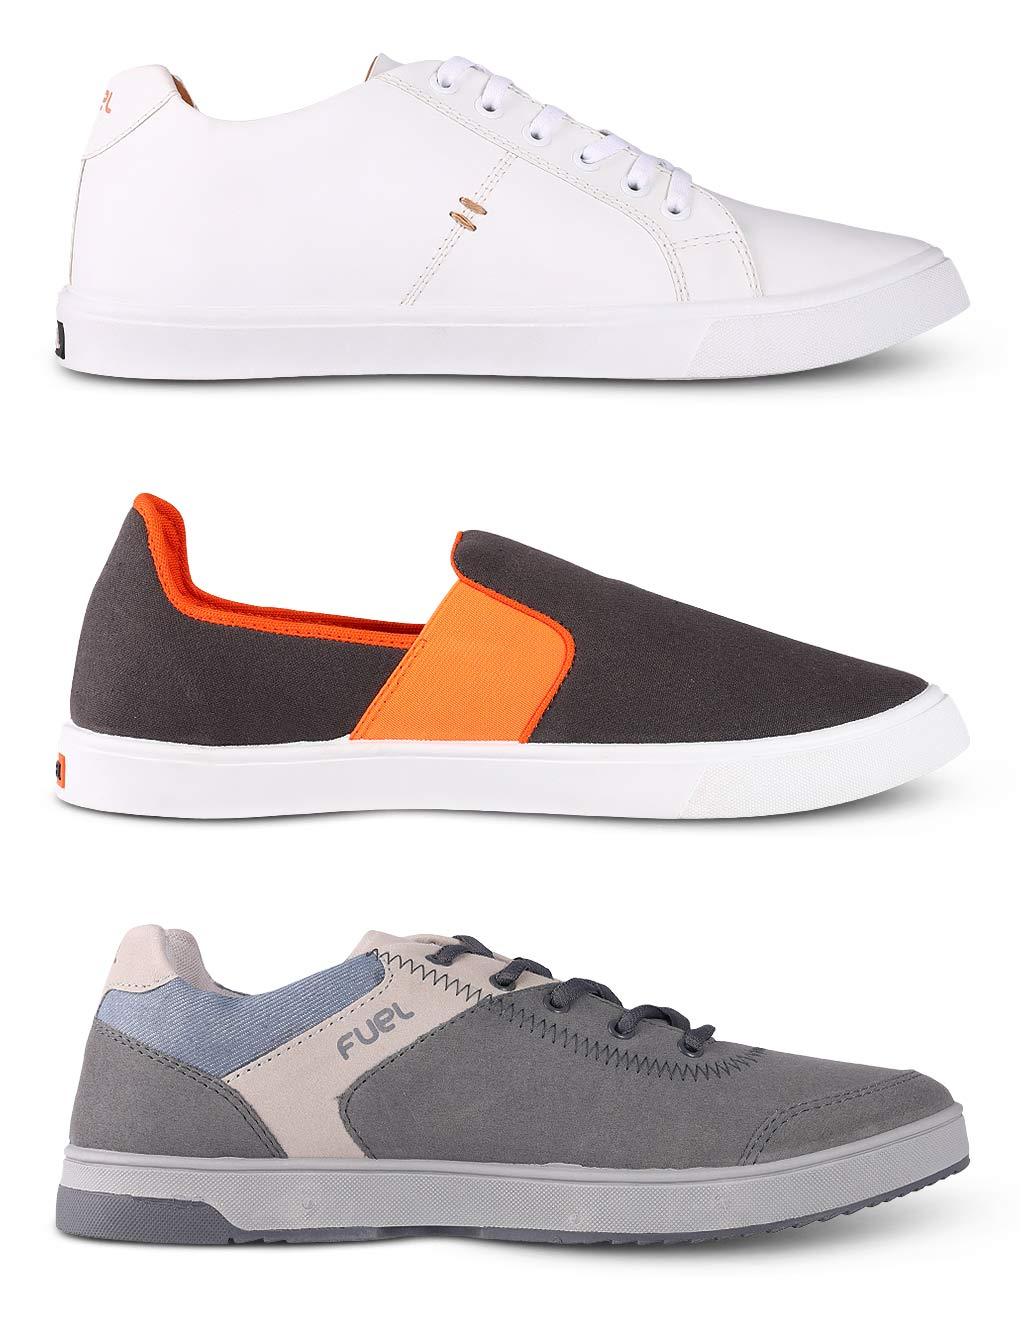 152c34850 Pack of 2 Sneakers + 1 Slip On Free